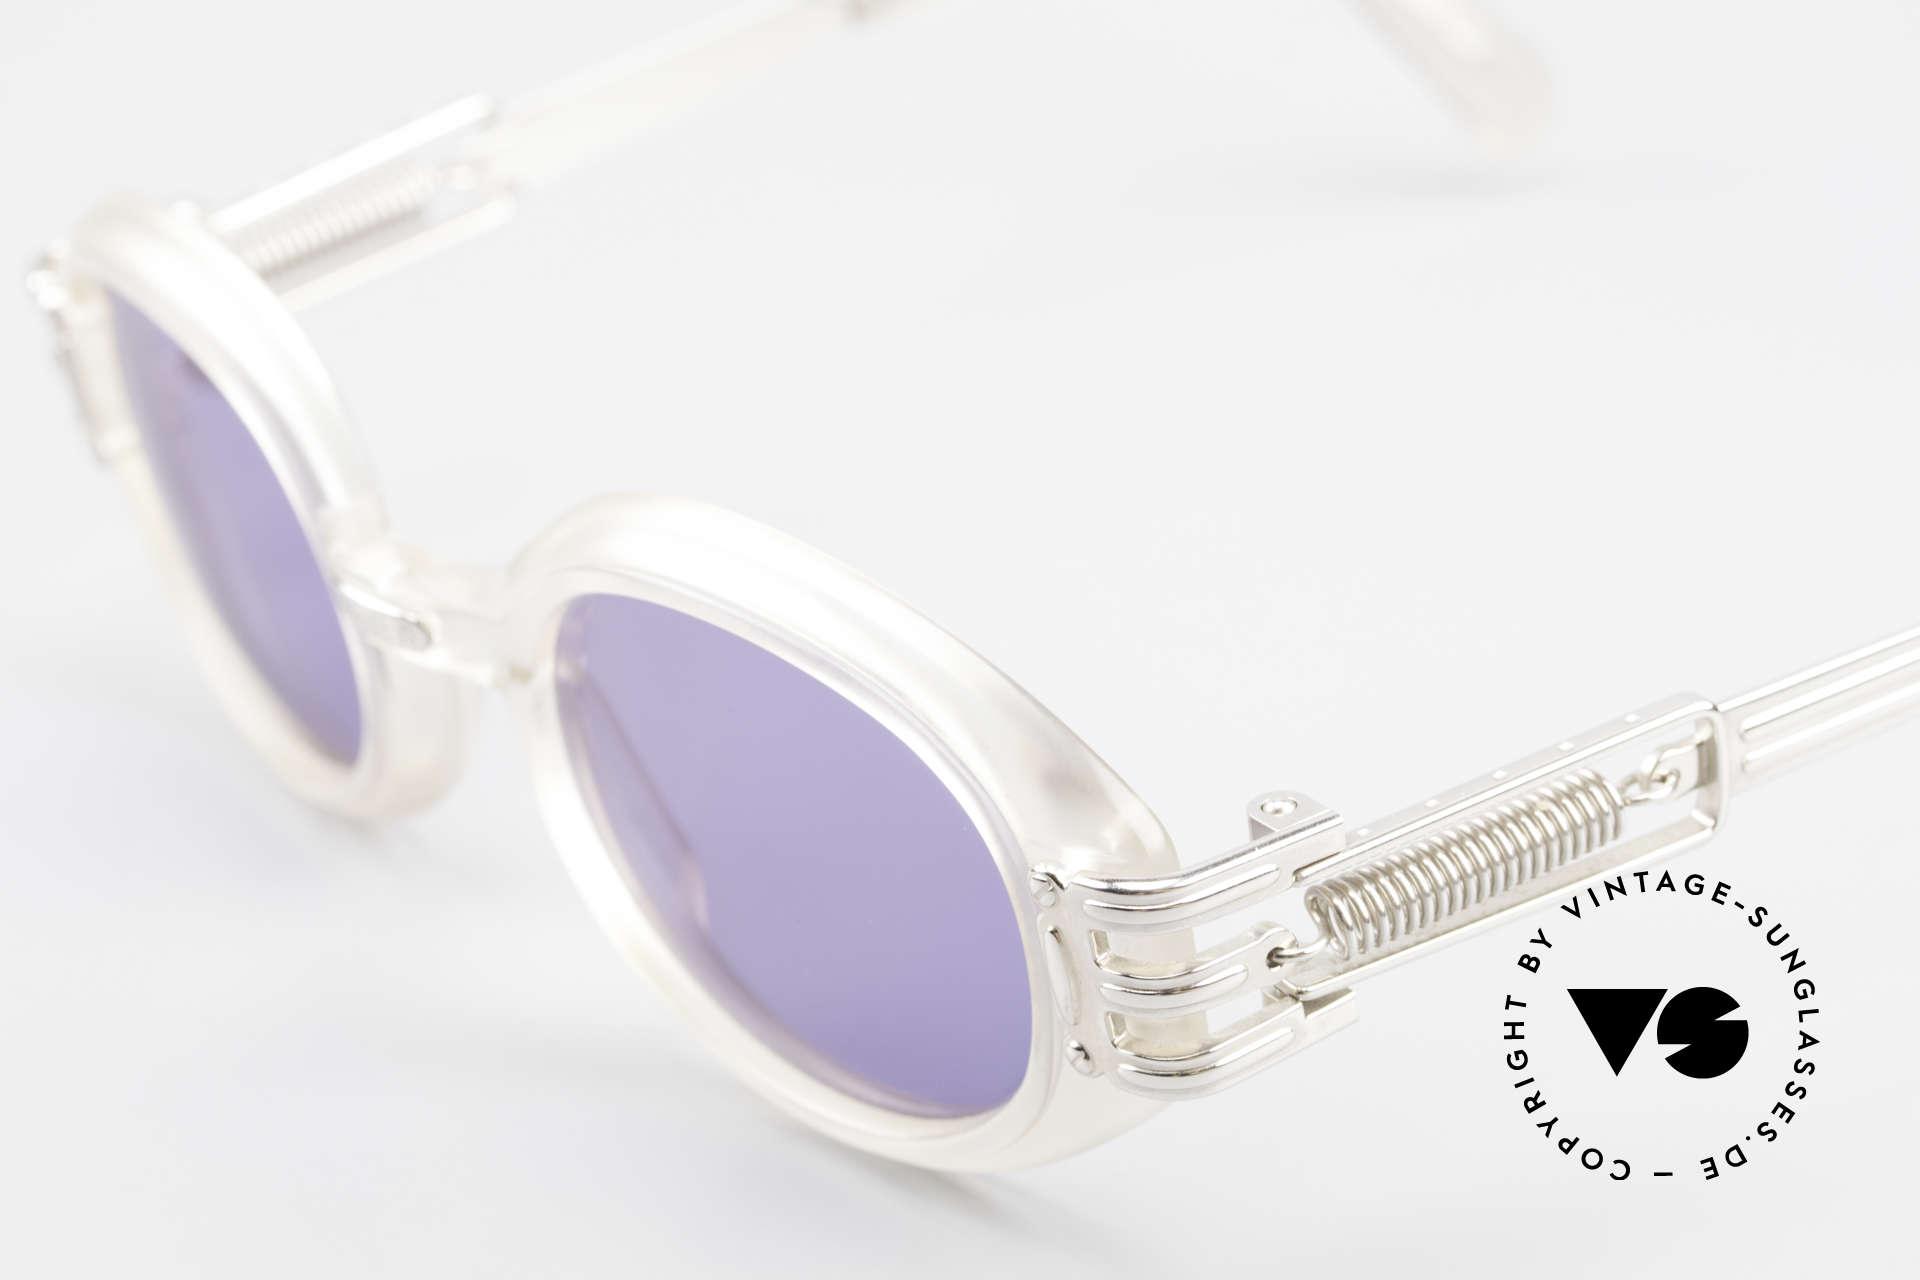 Jean Paul Gaultier 56-5203 Steampunk Designer Brille, ungetragen (wie all unsere vintage Gaultier Brillen), Passend für Herren und Damen